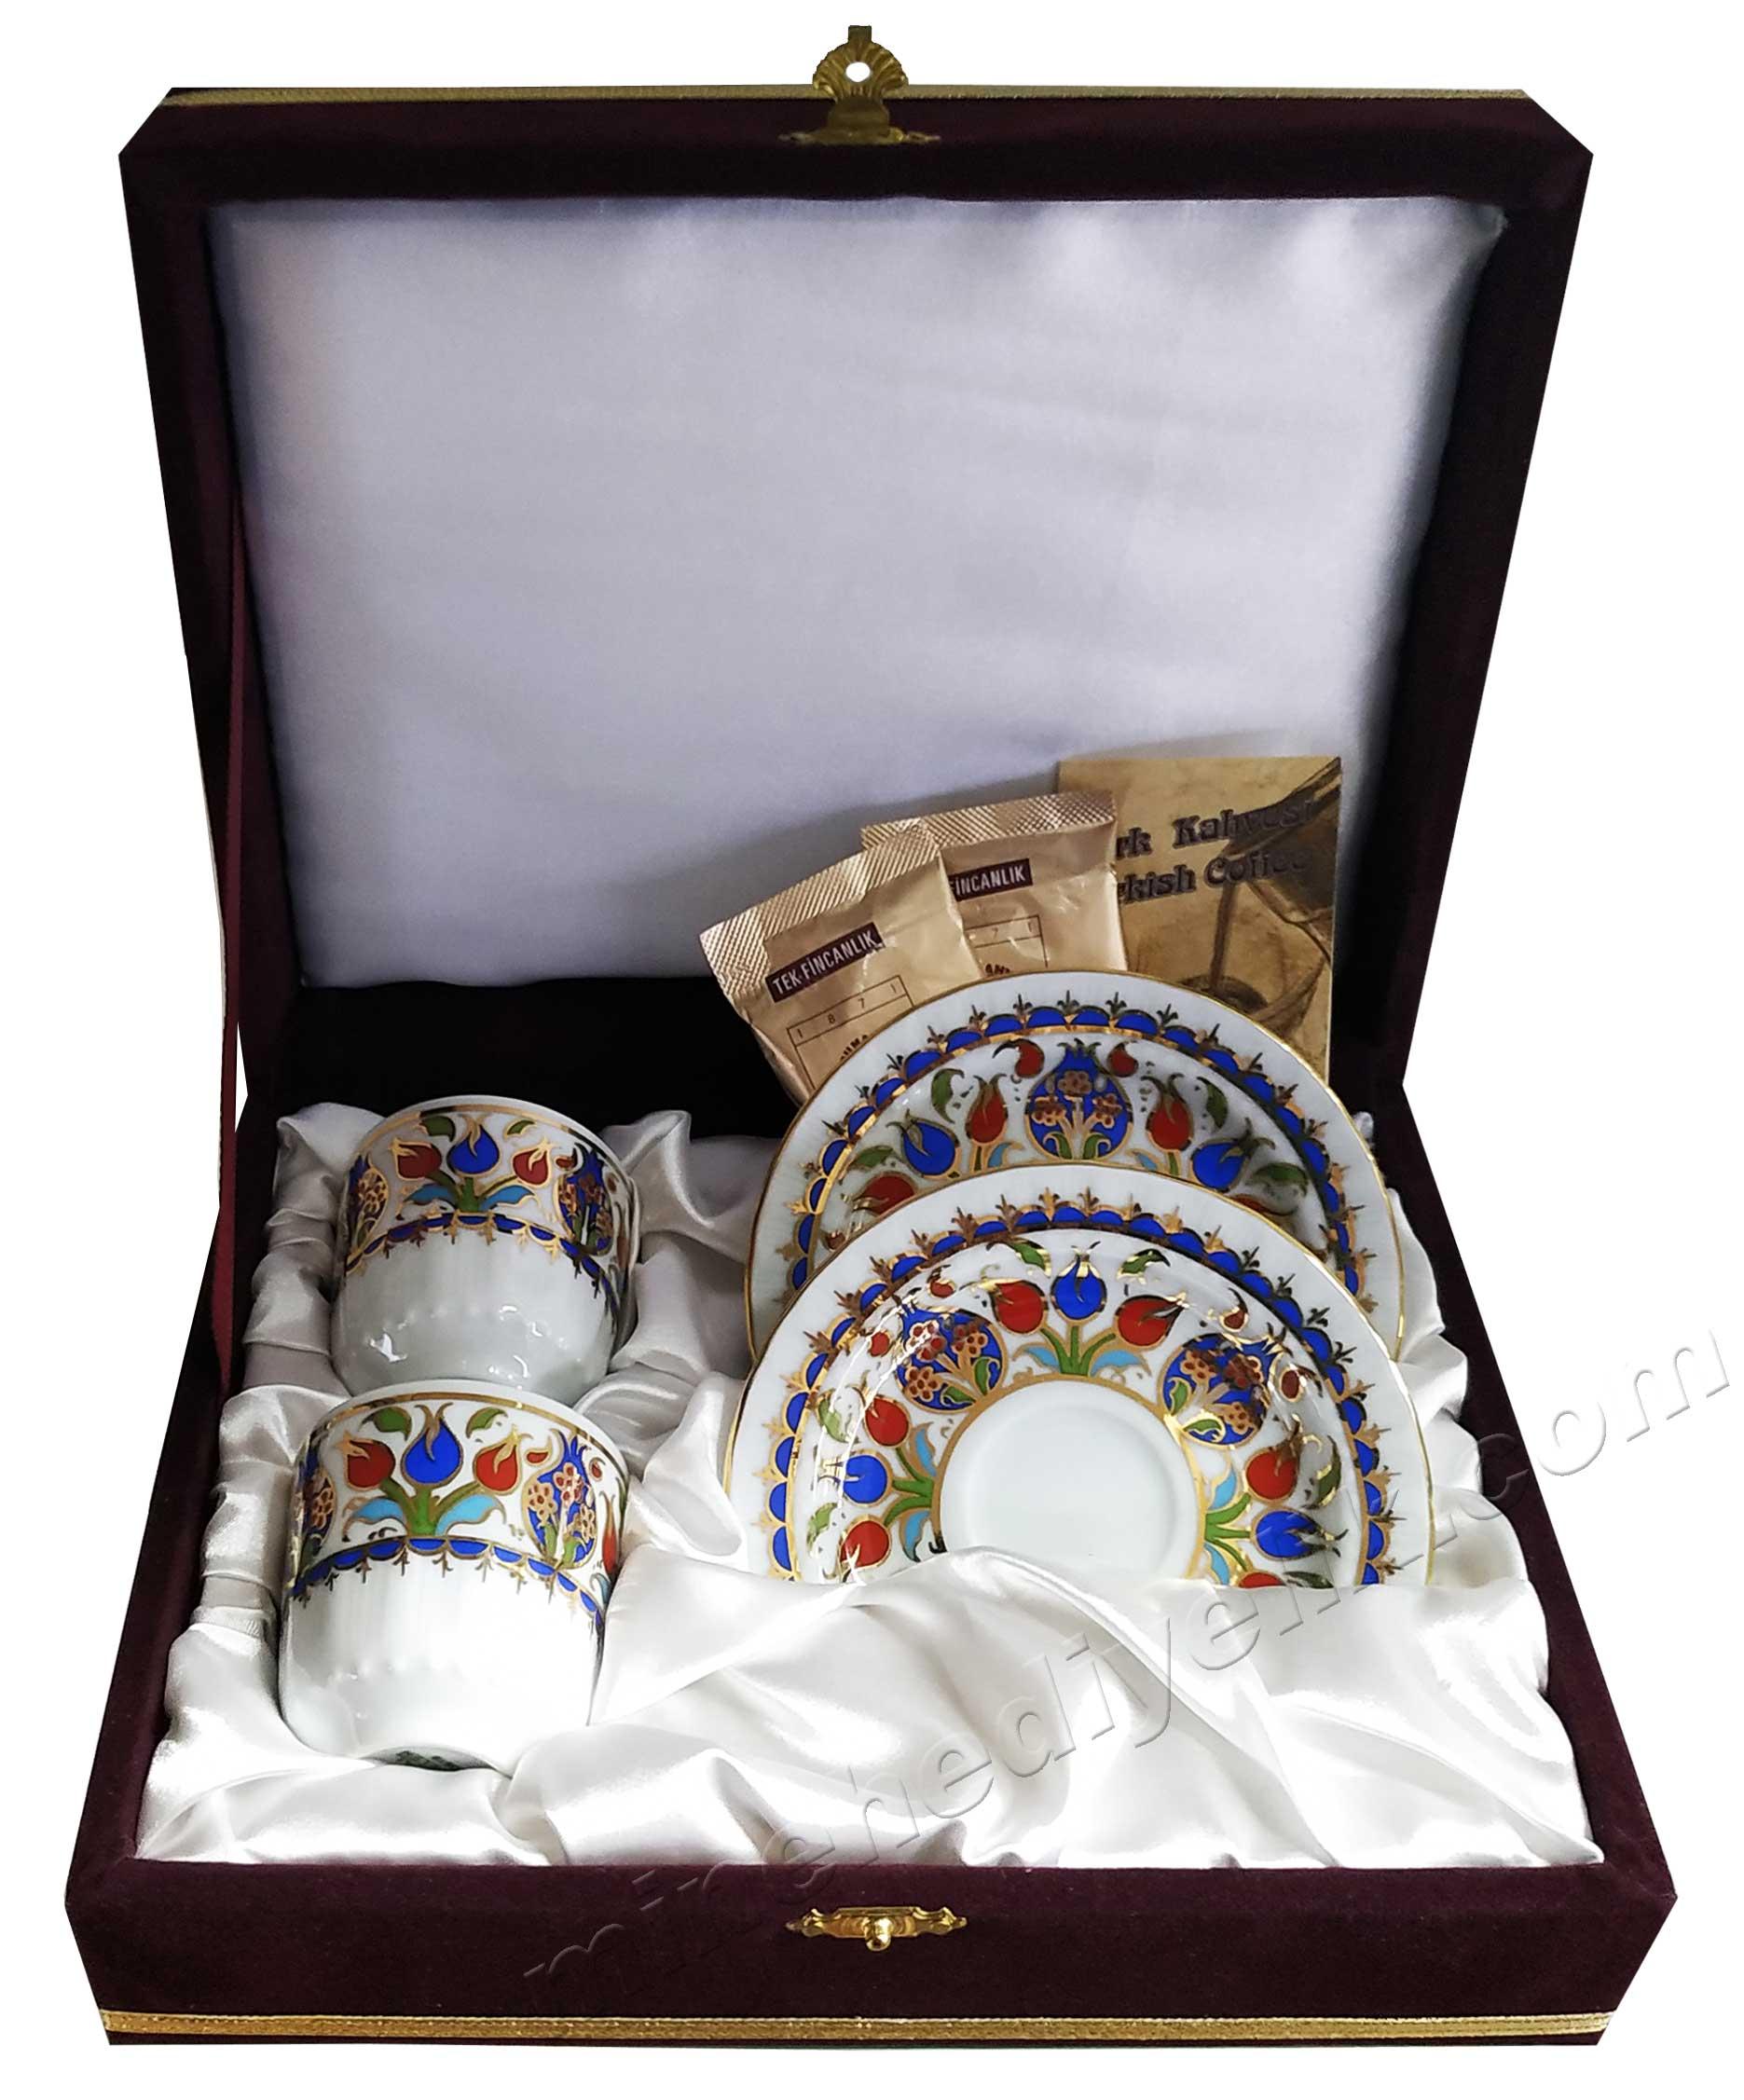 Kaliteli Kişilik Kahve Fincan Setleri Özel Tasarım Kutularda Nar Çiçeği Motifli 2'li Fincan Setleri Osmanlı Fincanı